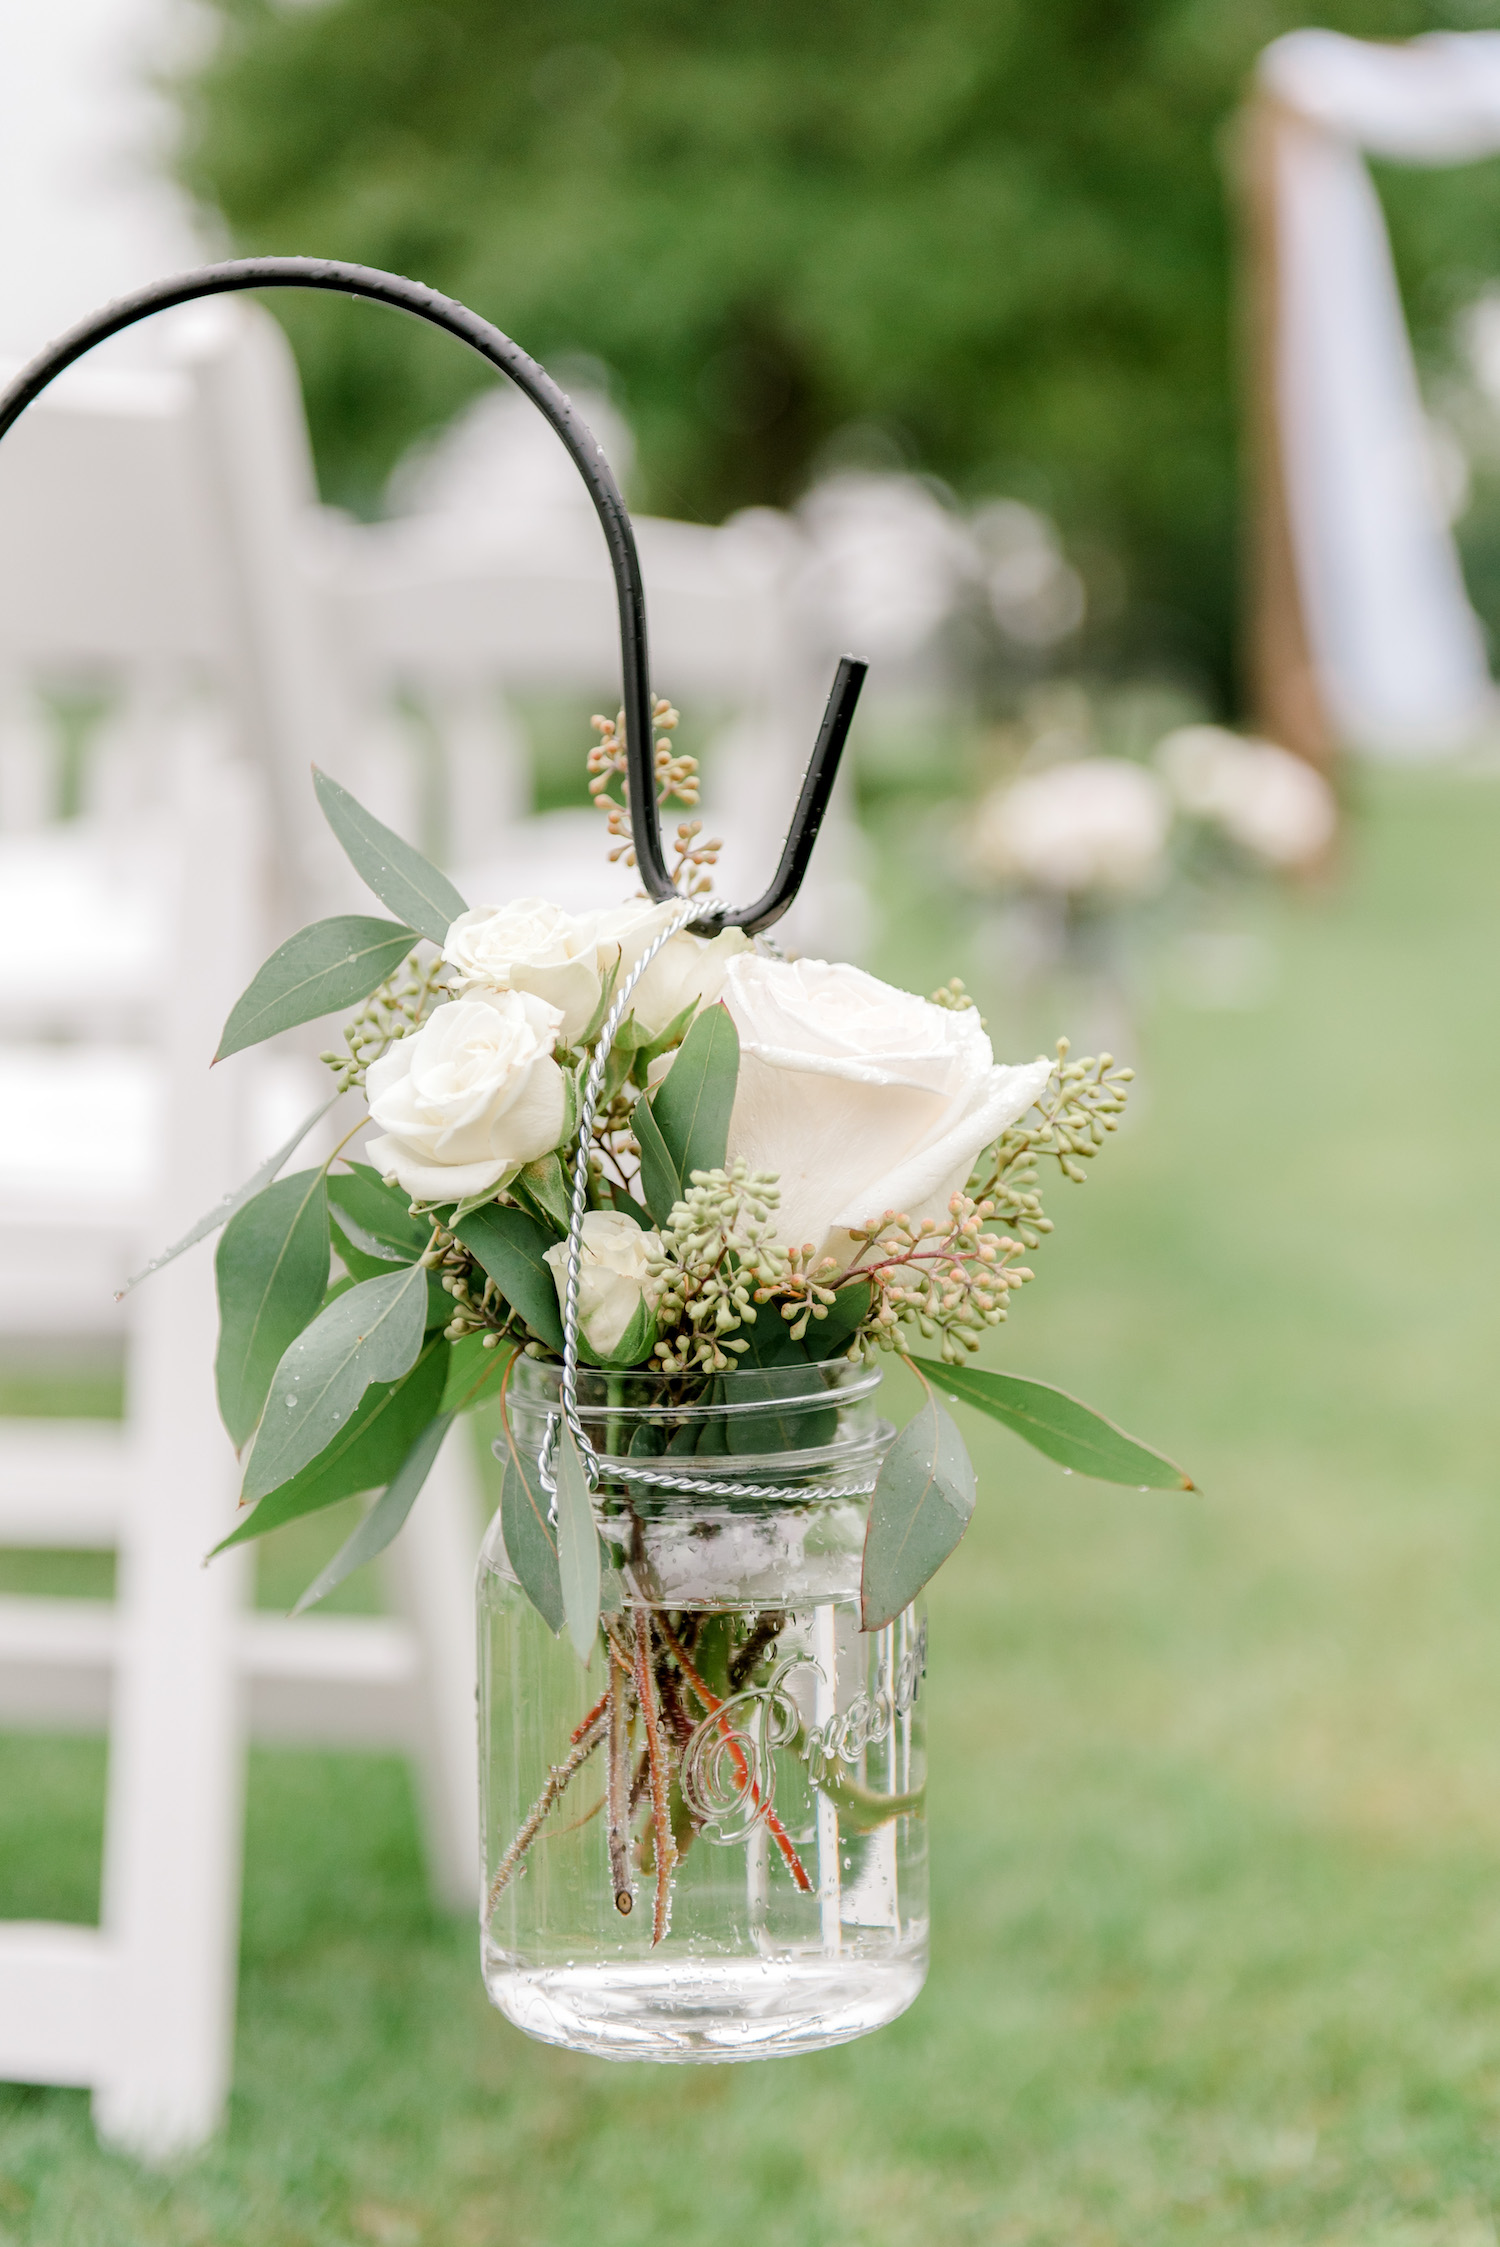 Rose arrangement in jar hanging from hooks